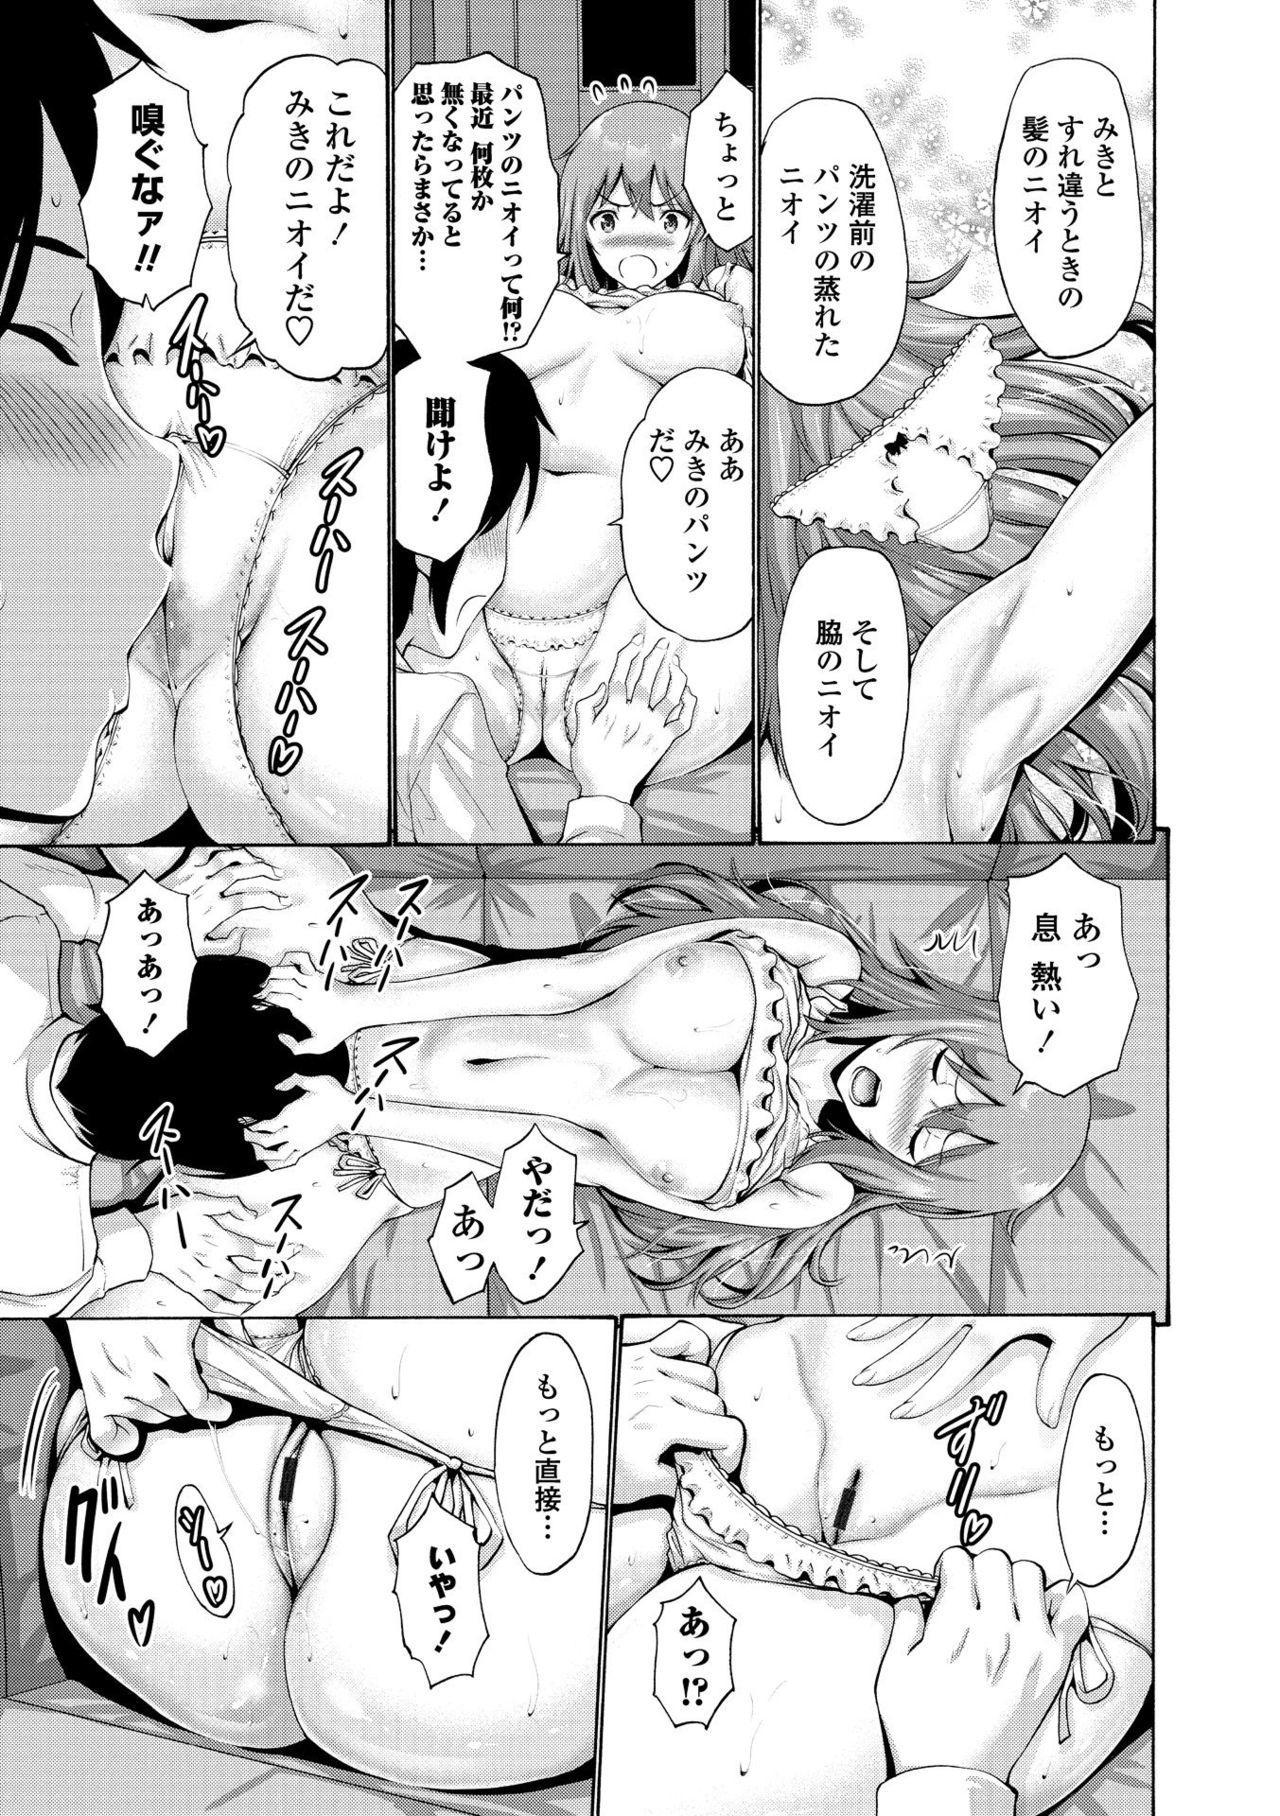 Imouto no Naka wa Ii mono da 52